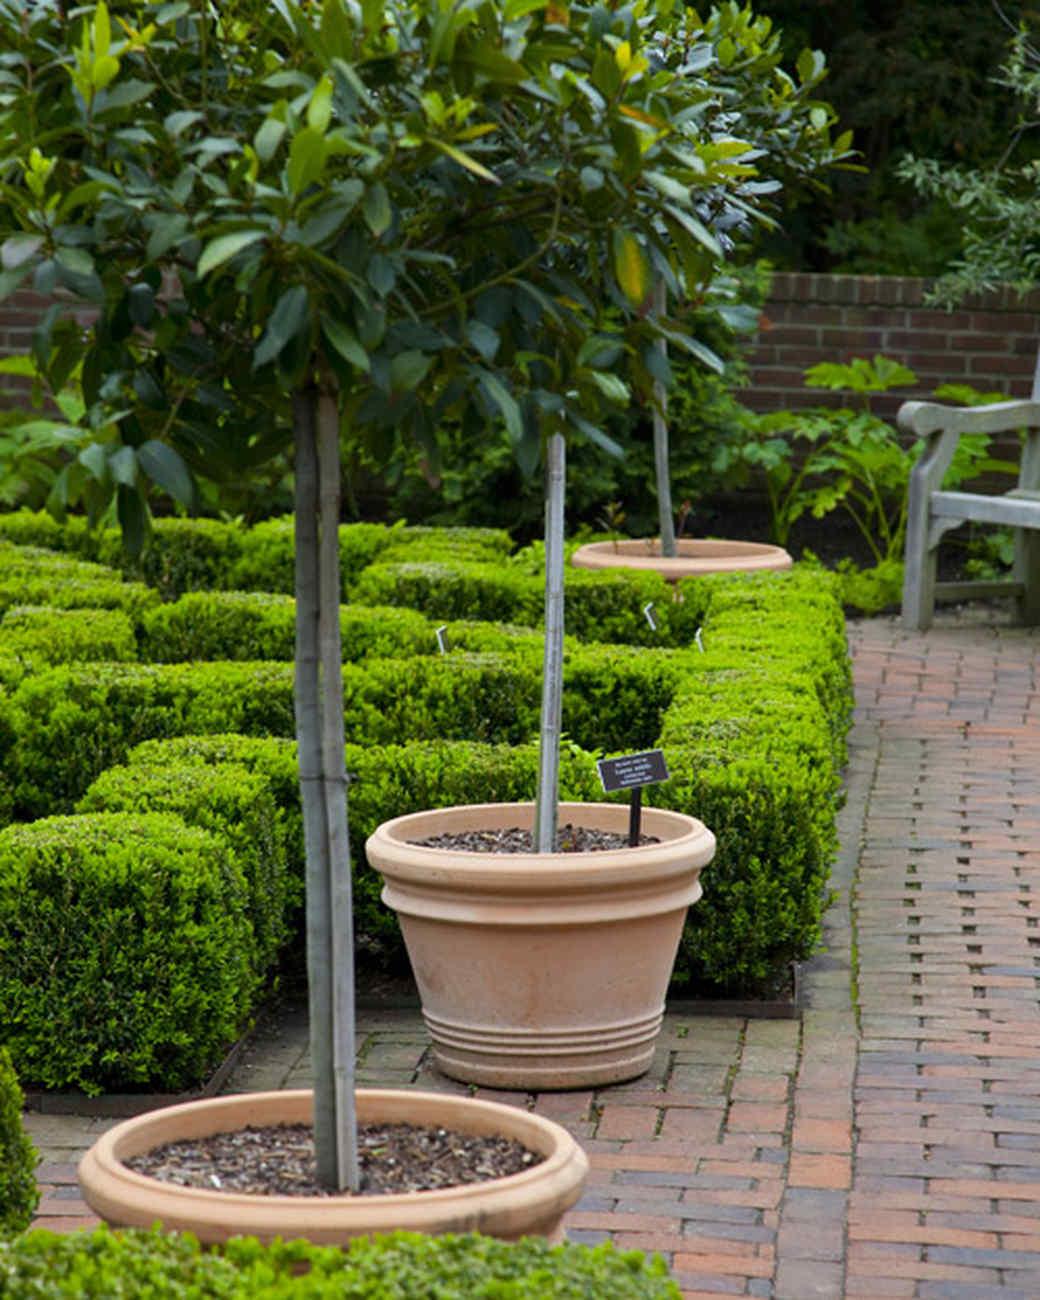 ms_edible_garden_mg_0166.jpg